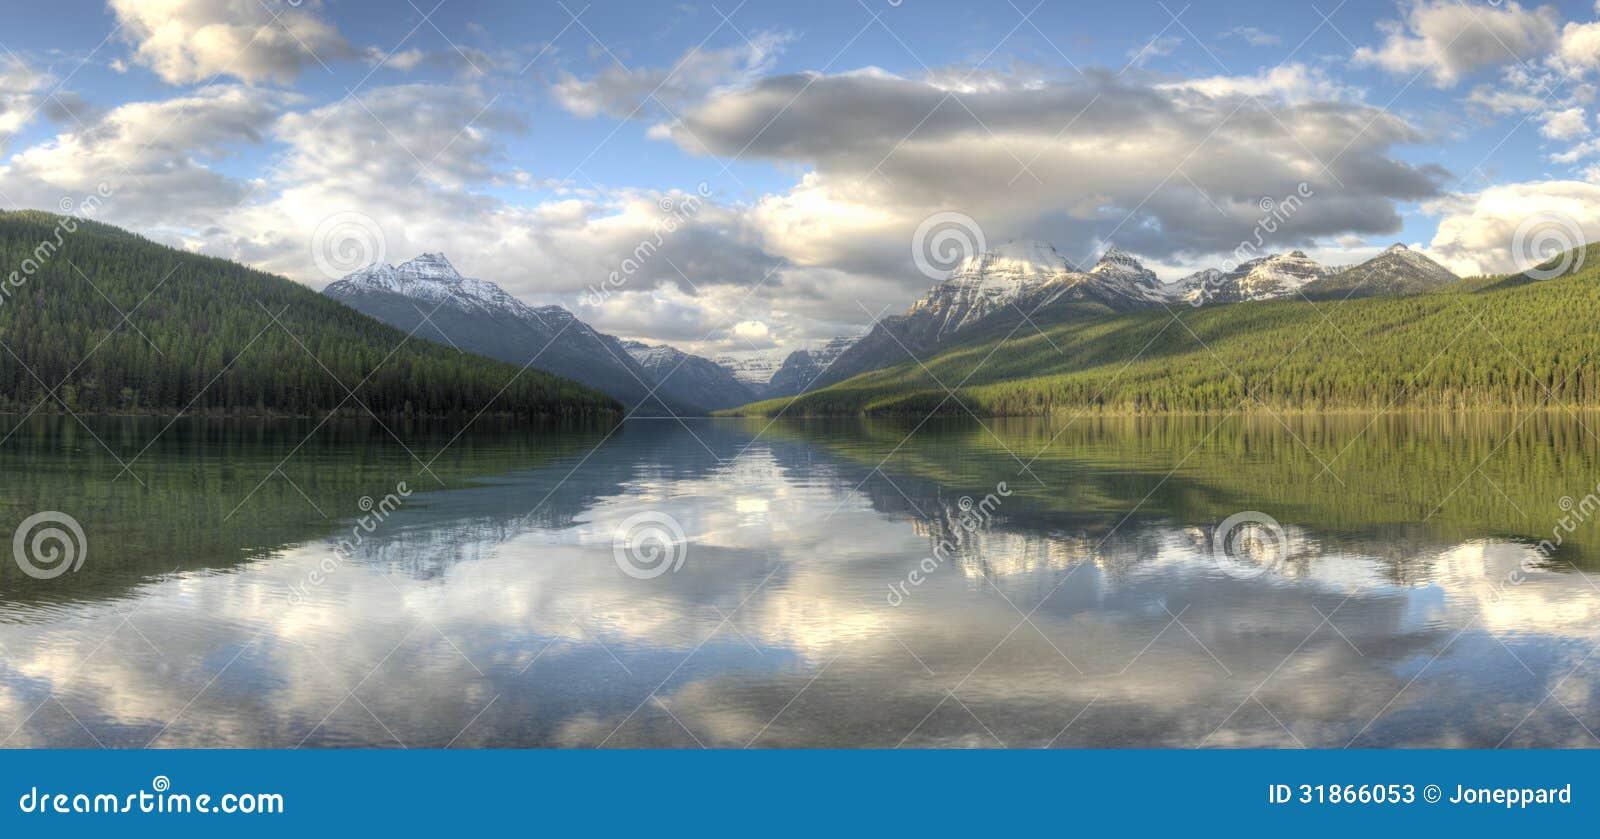 Lodowa parka narodowego Bowman jezioro